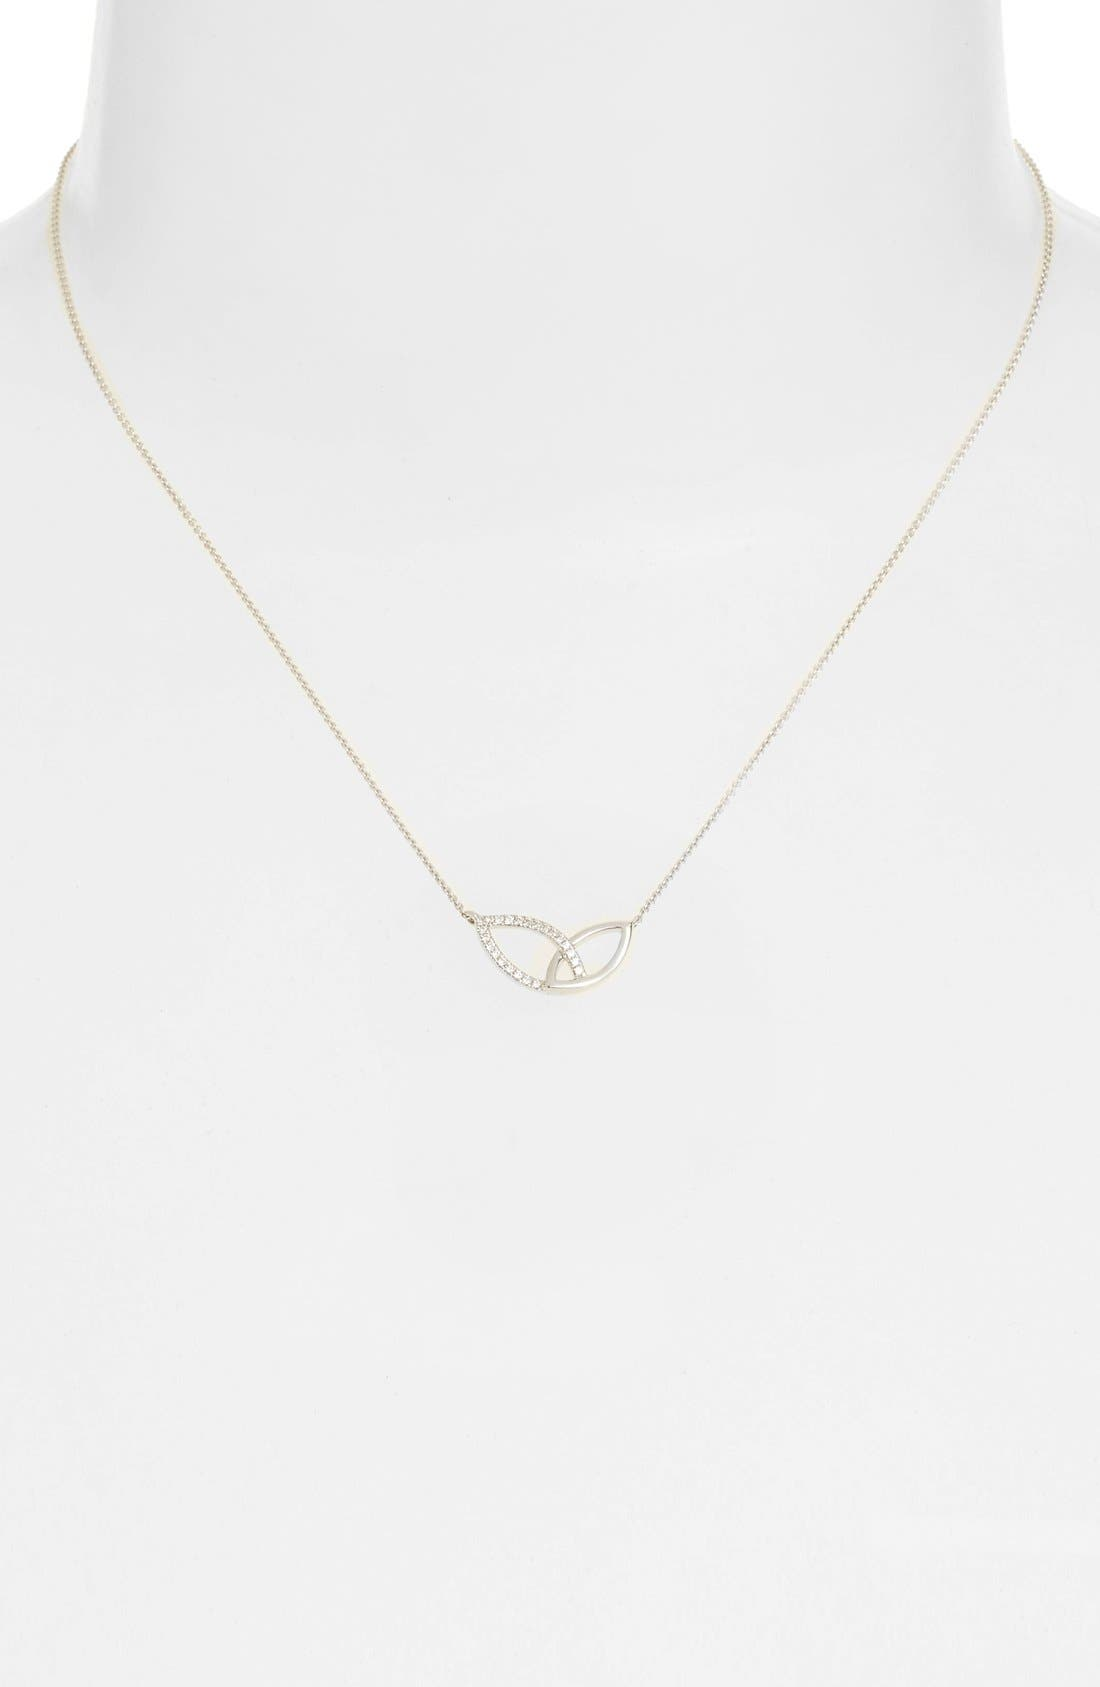 Dana Rebecca Designs 'Lori Paige' Marquise Diamond Pendant Necklace